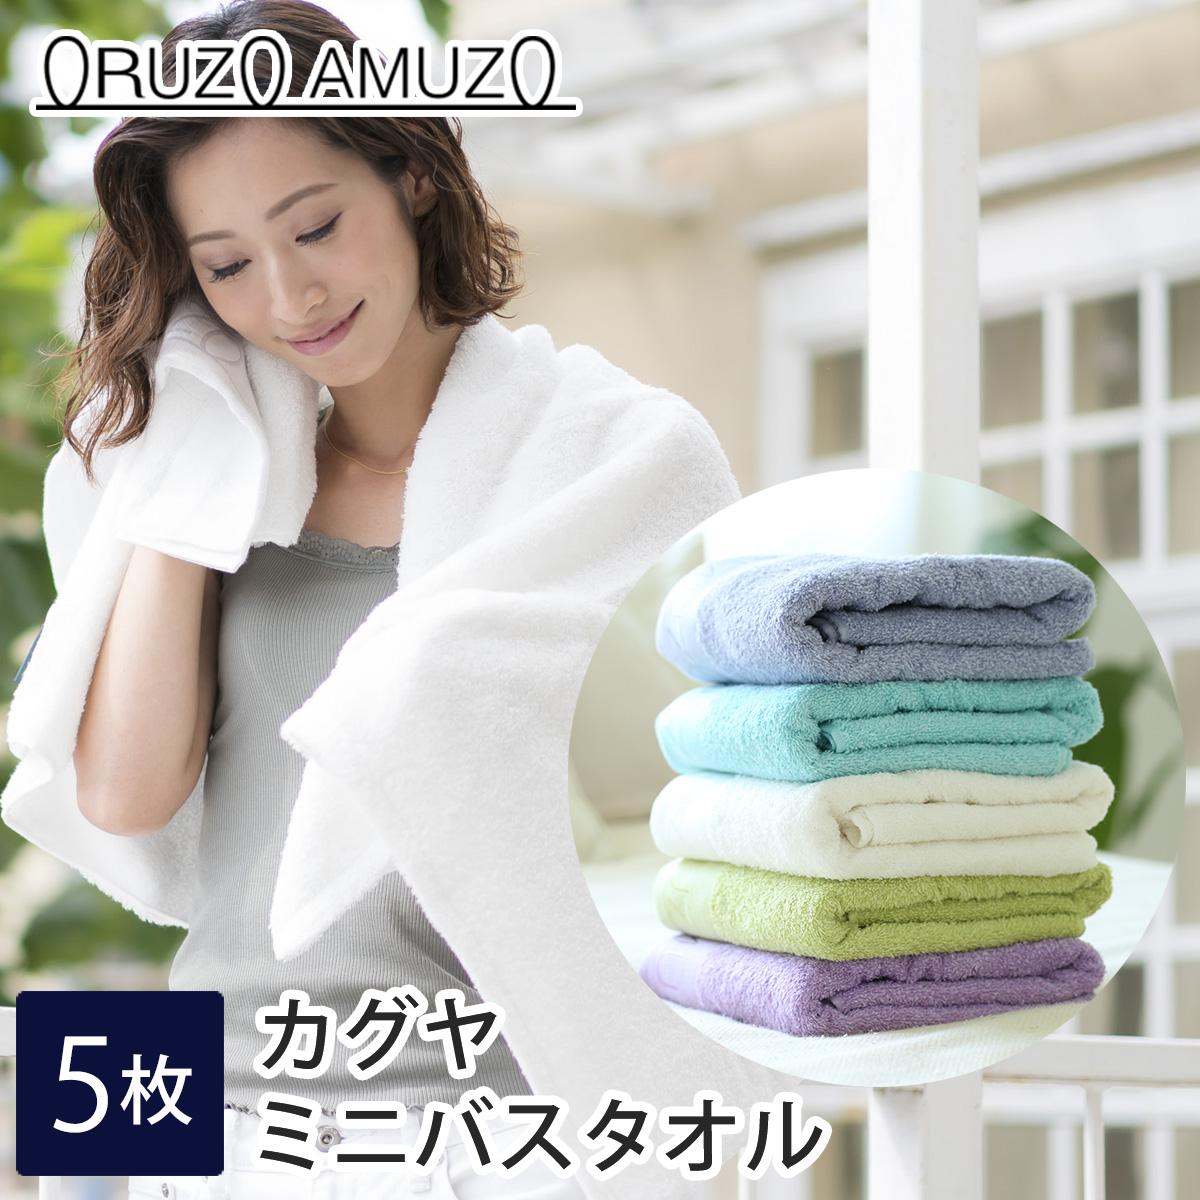 カグヤ ミニバスタオル5枚セット スポーツタオル 選べる5色(雪 雲 藤 竹 空) 送料無料 オルゾアムゾ(ORUZOAMUZO)